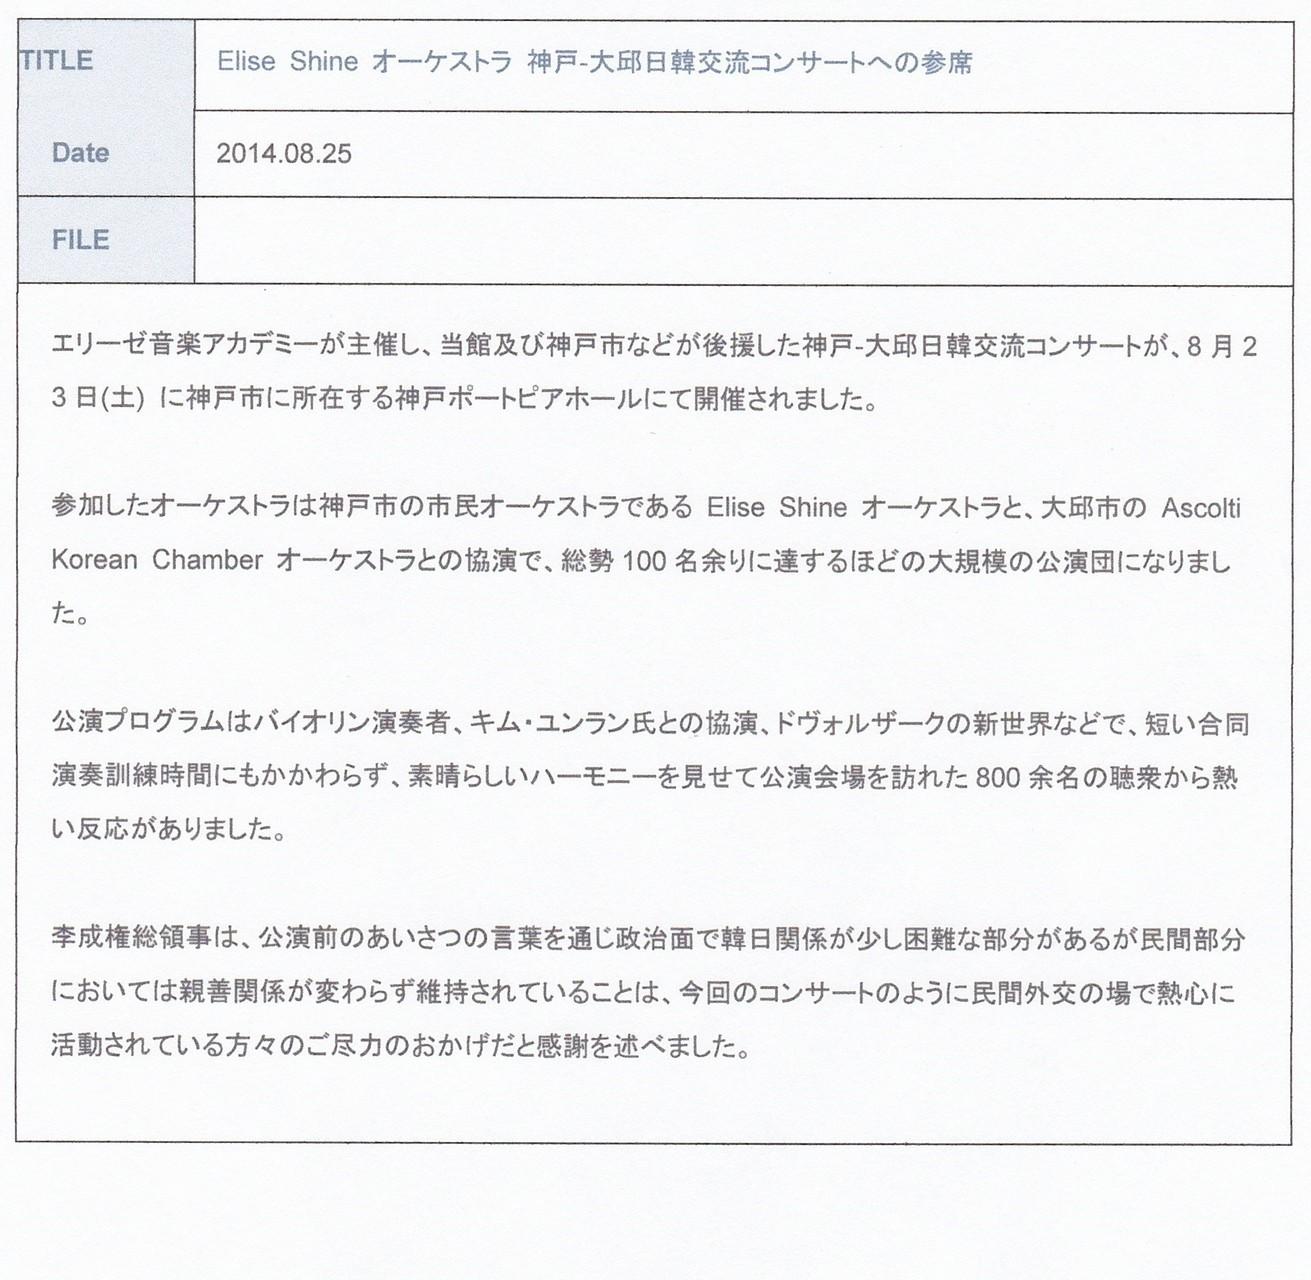 駐神戸大韓民国総領事館のHPより転載